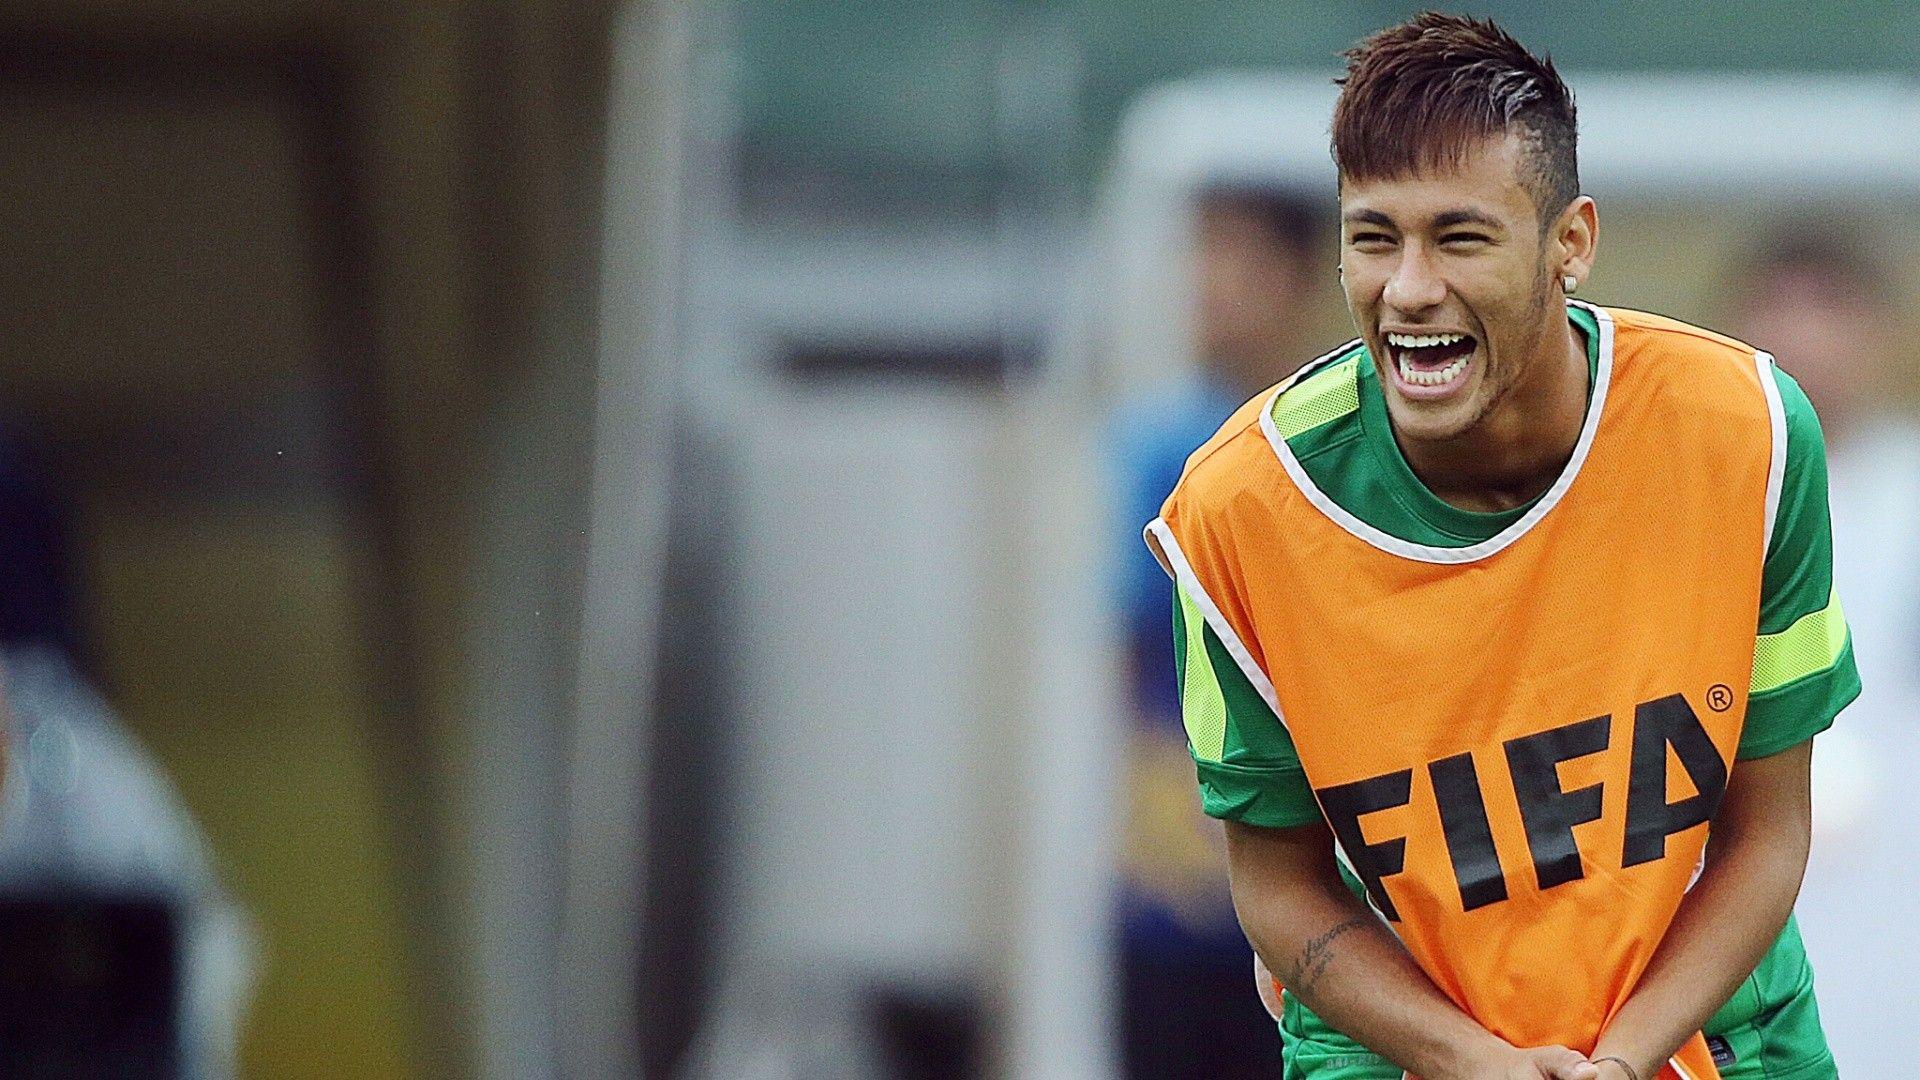 Image Result For Neymar Brazil Wallpaper Background Wallpaper Awshdwallpapers